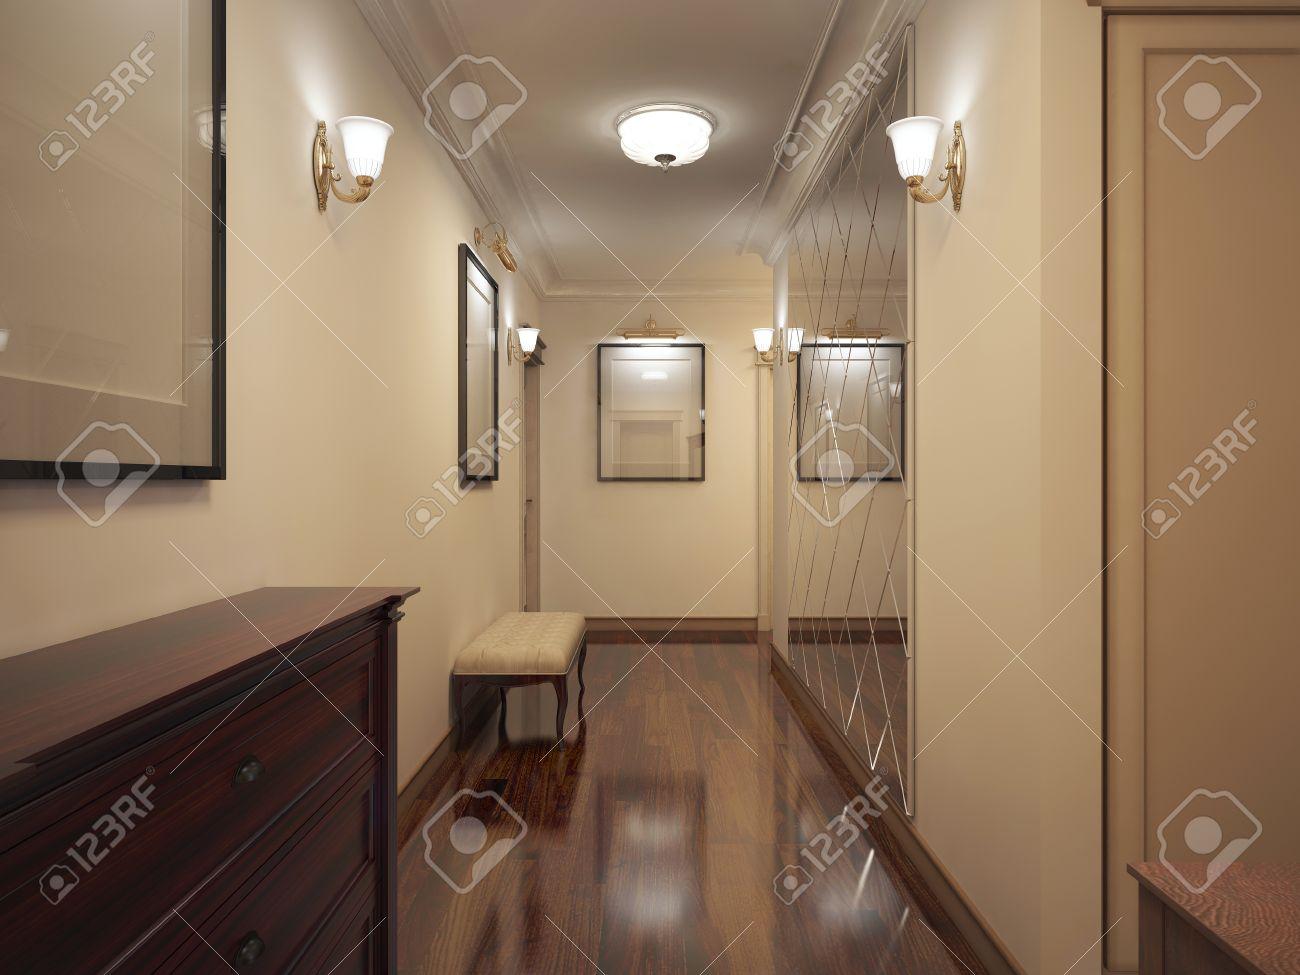 Flur Provence-Stil. Schmale Korridor Mit Beige Wände, Braune ...